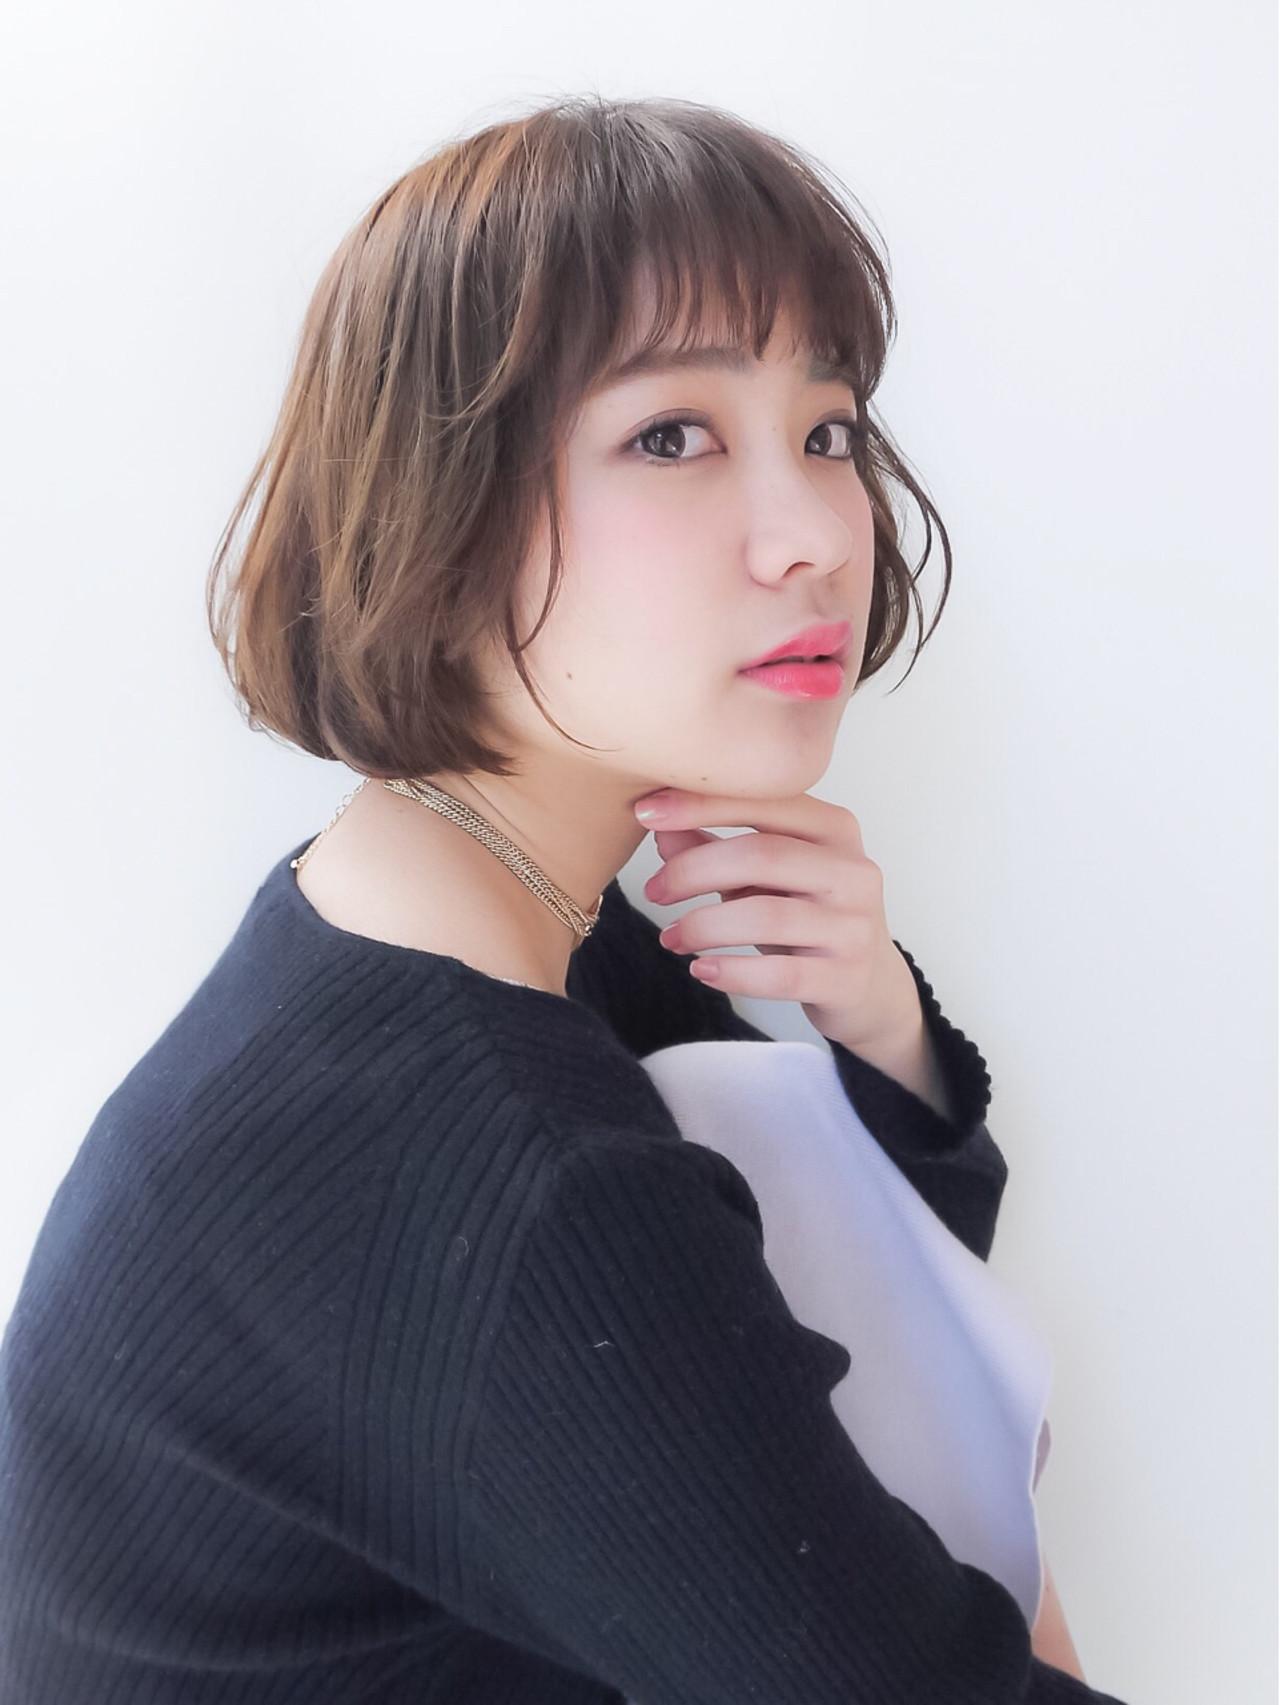 大人かわいい 外ハネ コンサバ アンニュイ ヘアスタイルや髪型の写真・画像 | HIROKI / roijir / roijir